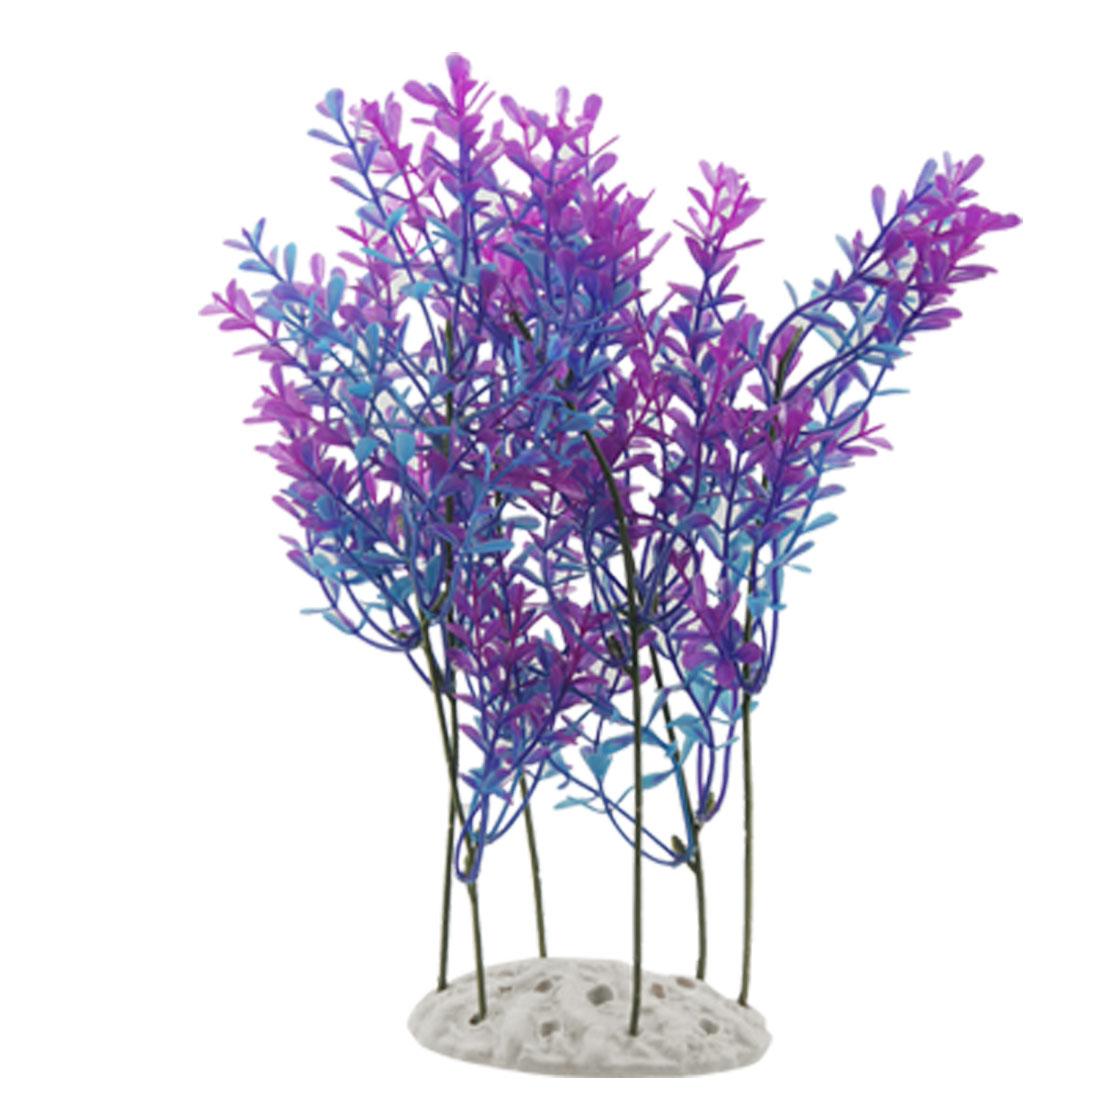 Aquarium Aquascaping 27cm Height Colored Grass Ornament